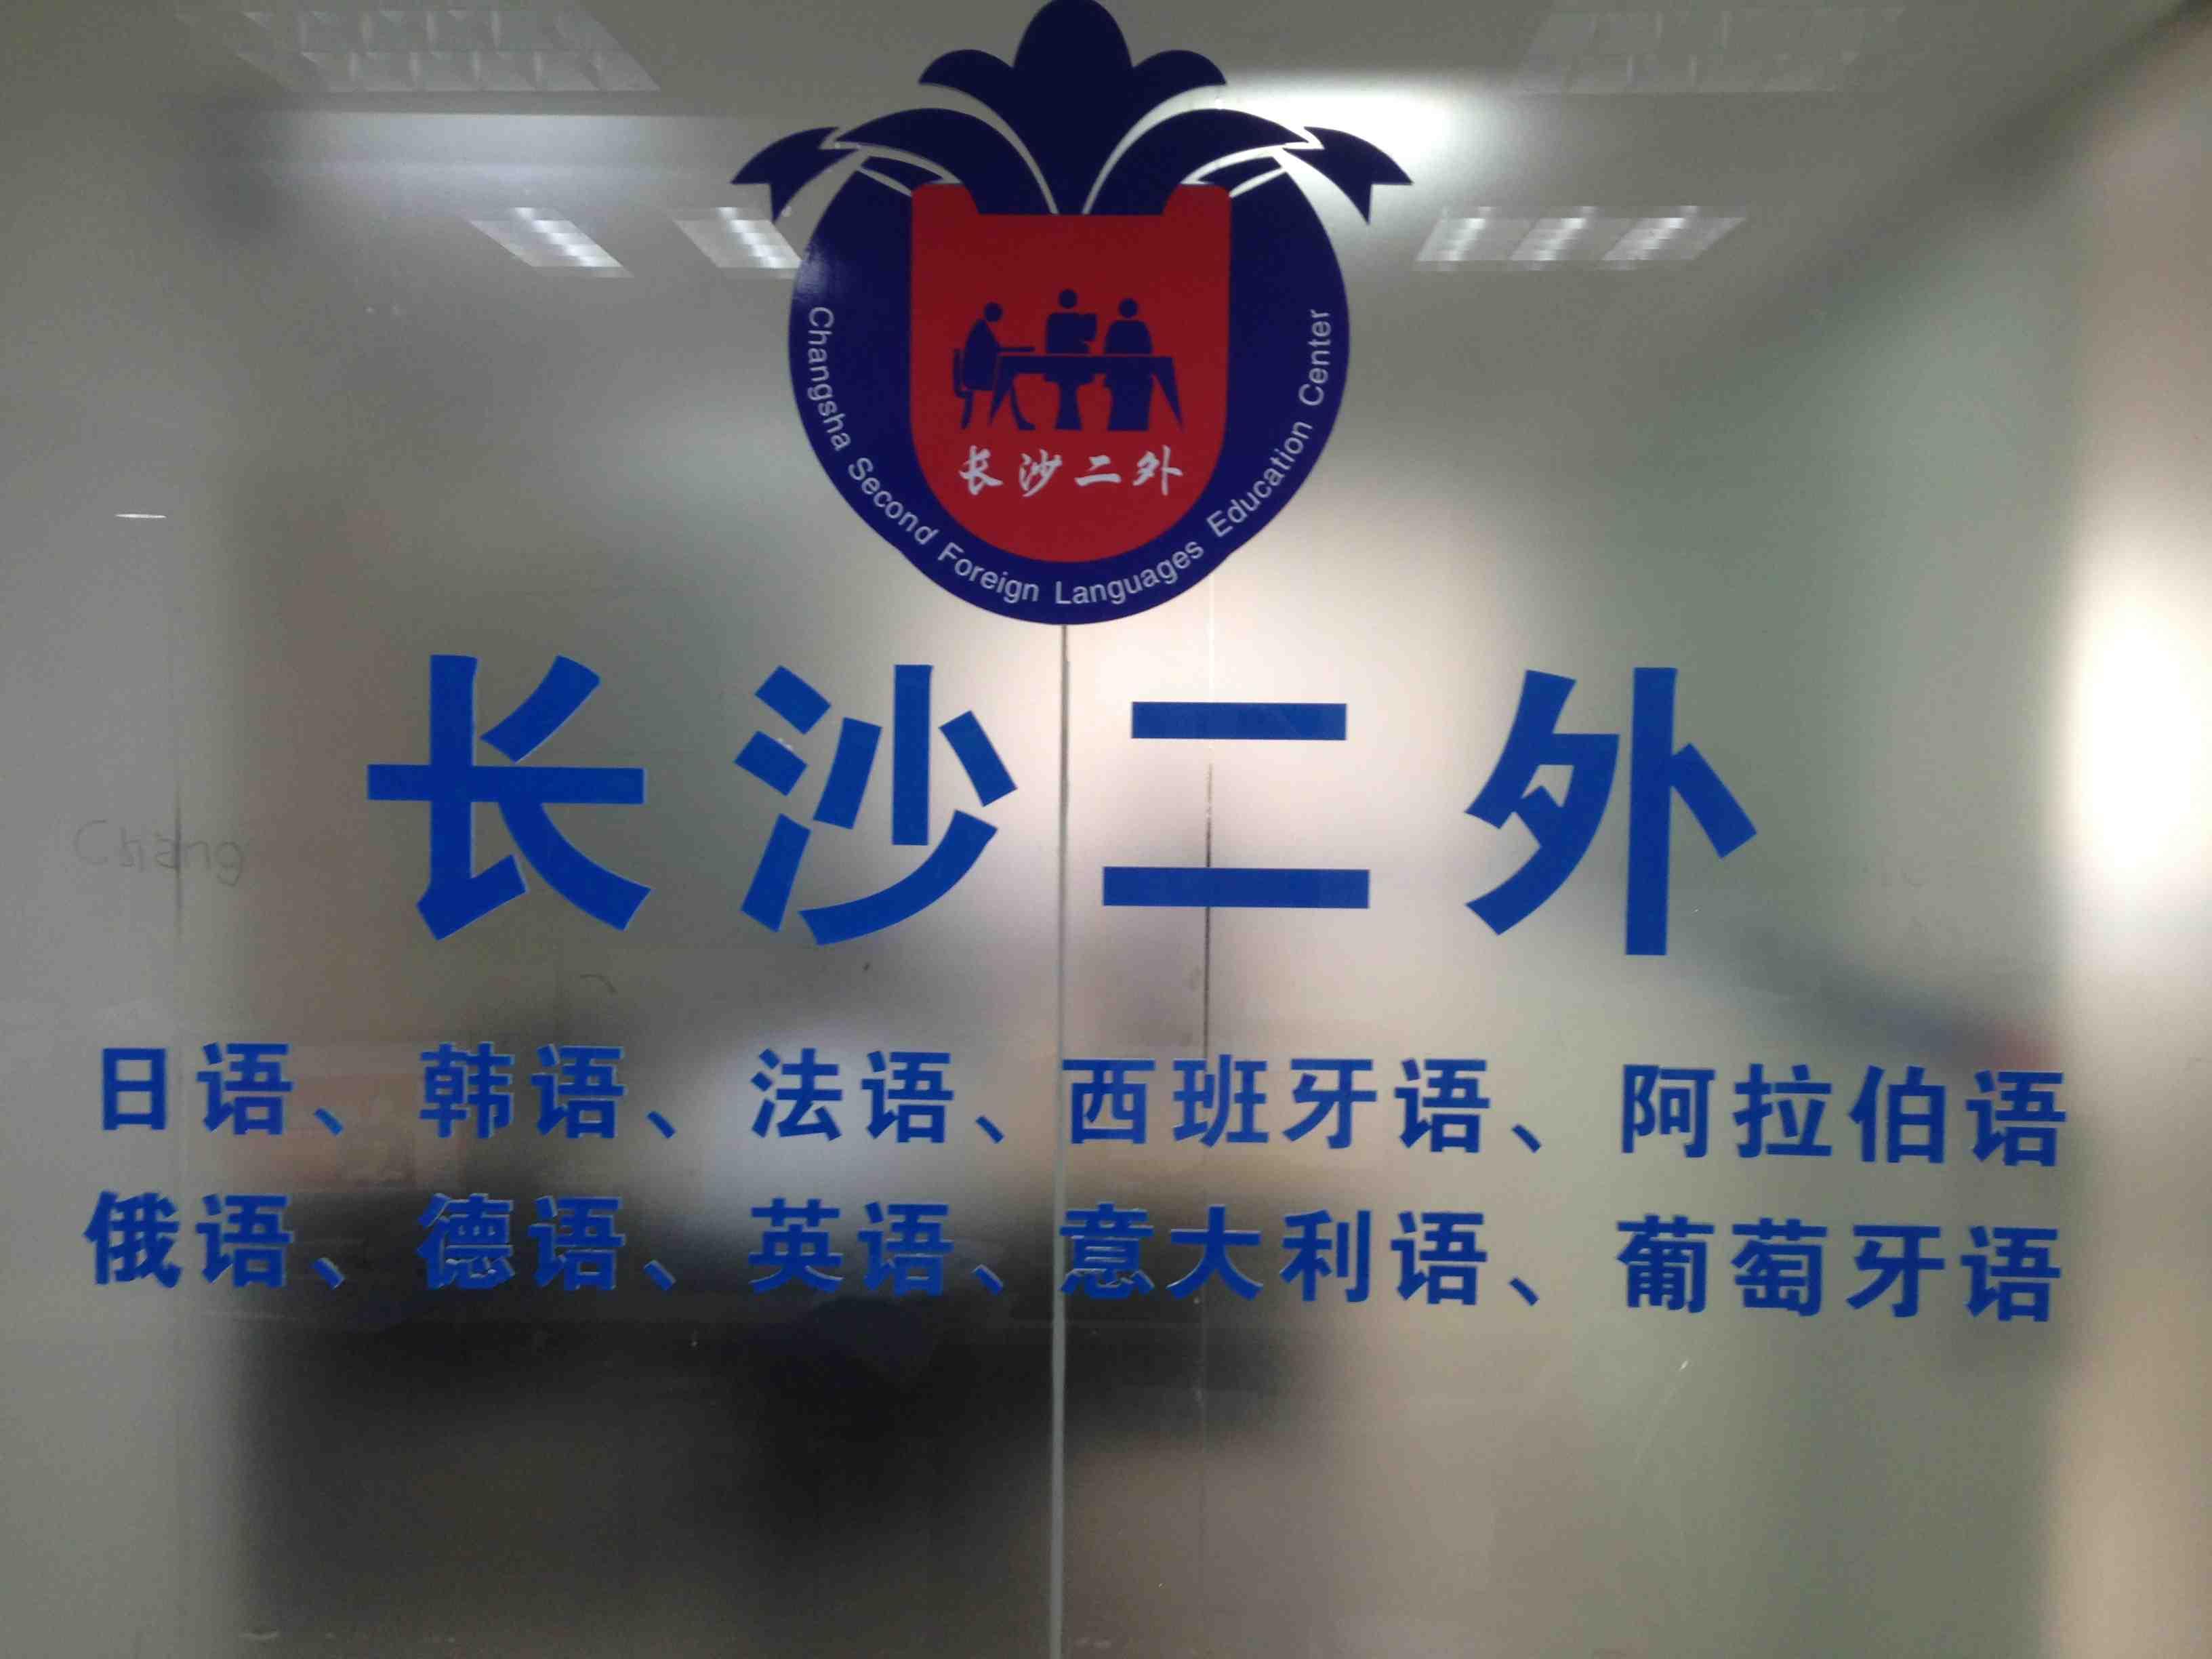 长沙二外12月日语、韩语、法语、德语培训课程